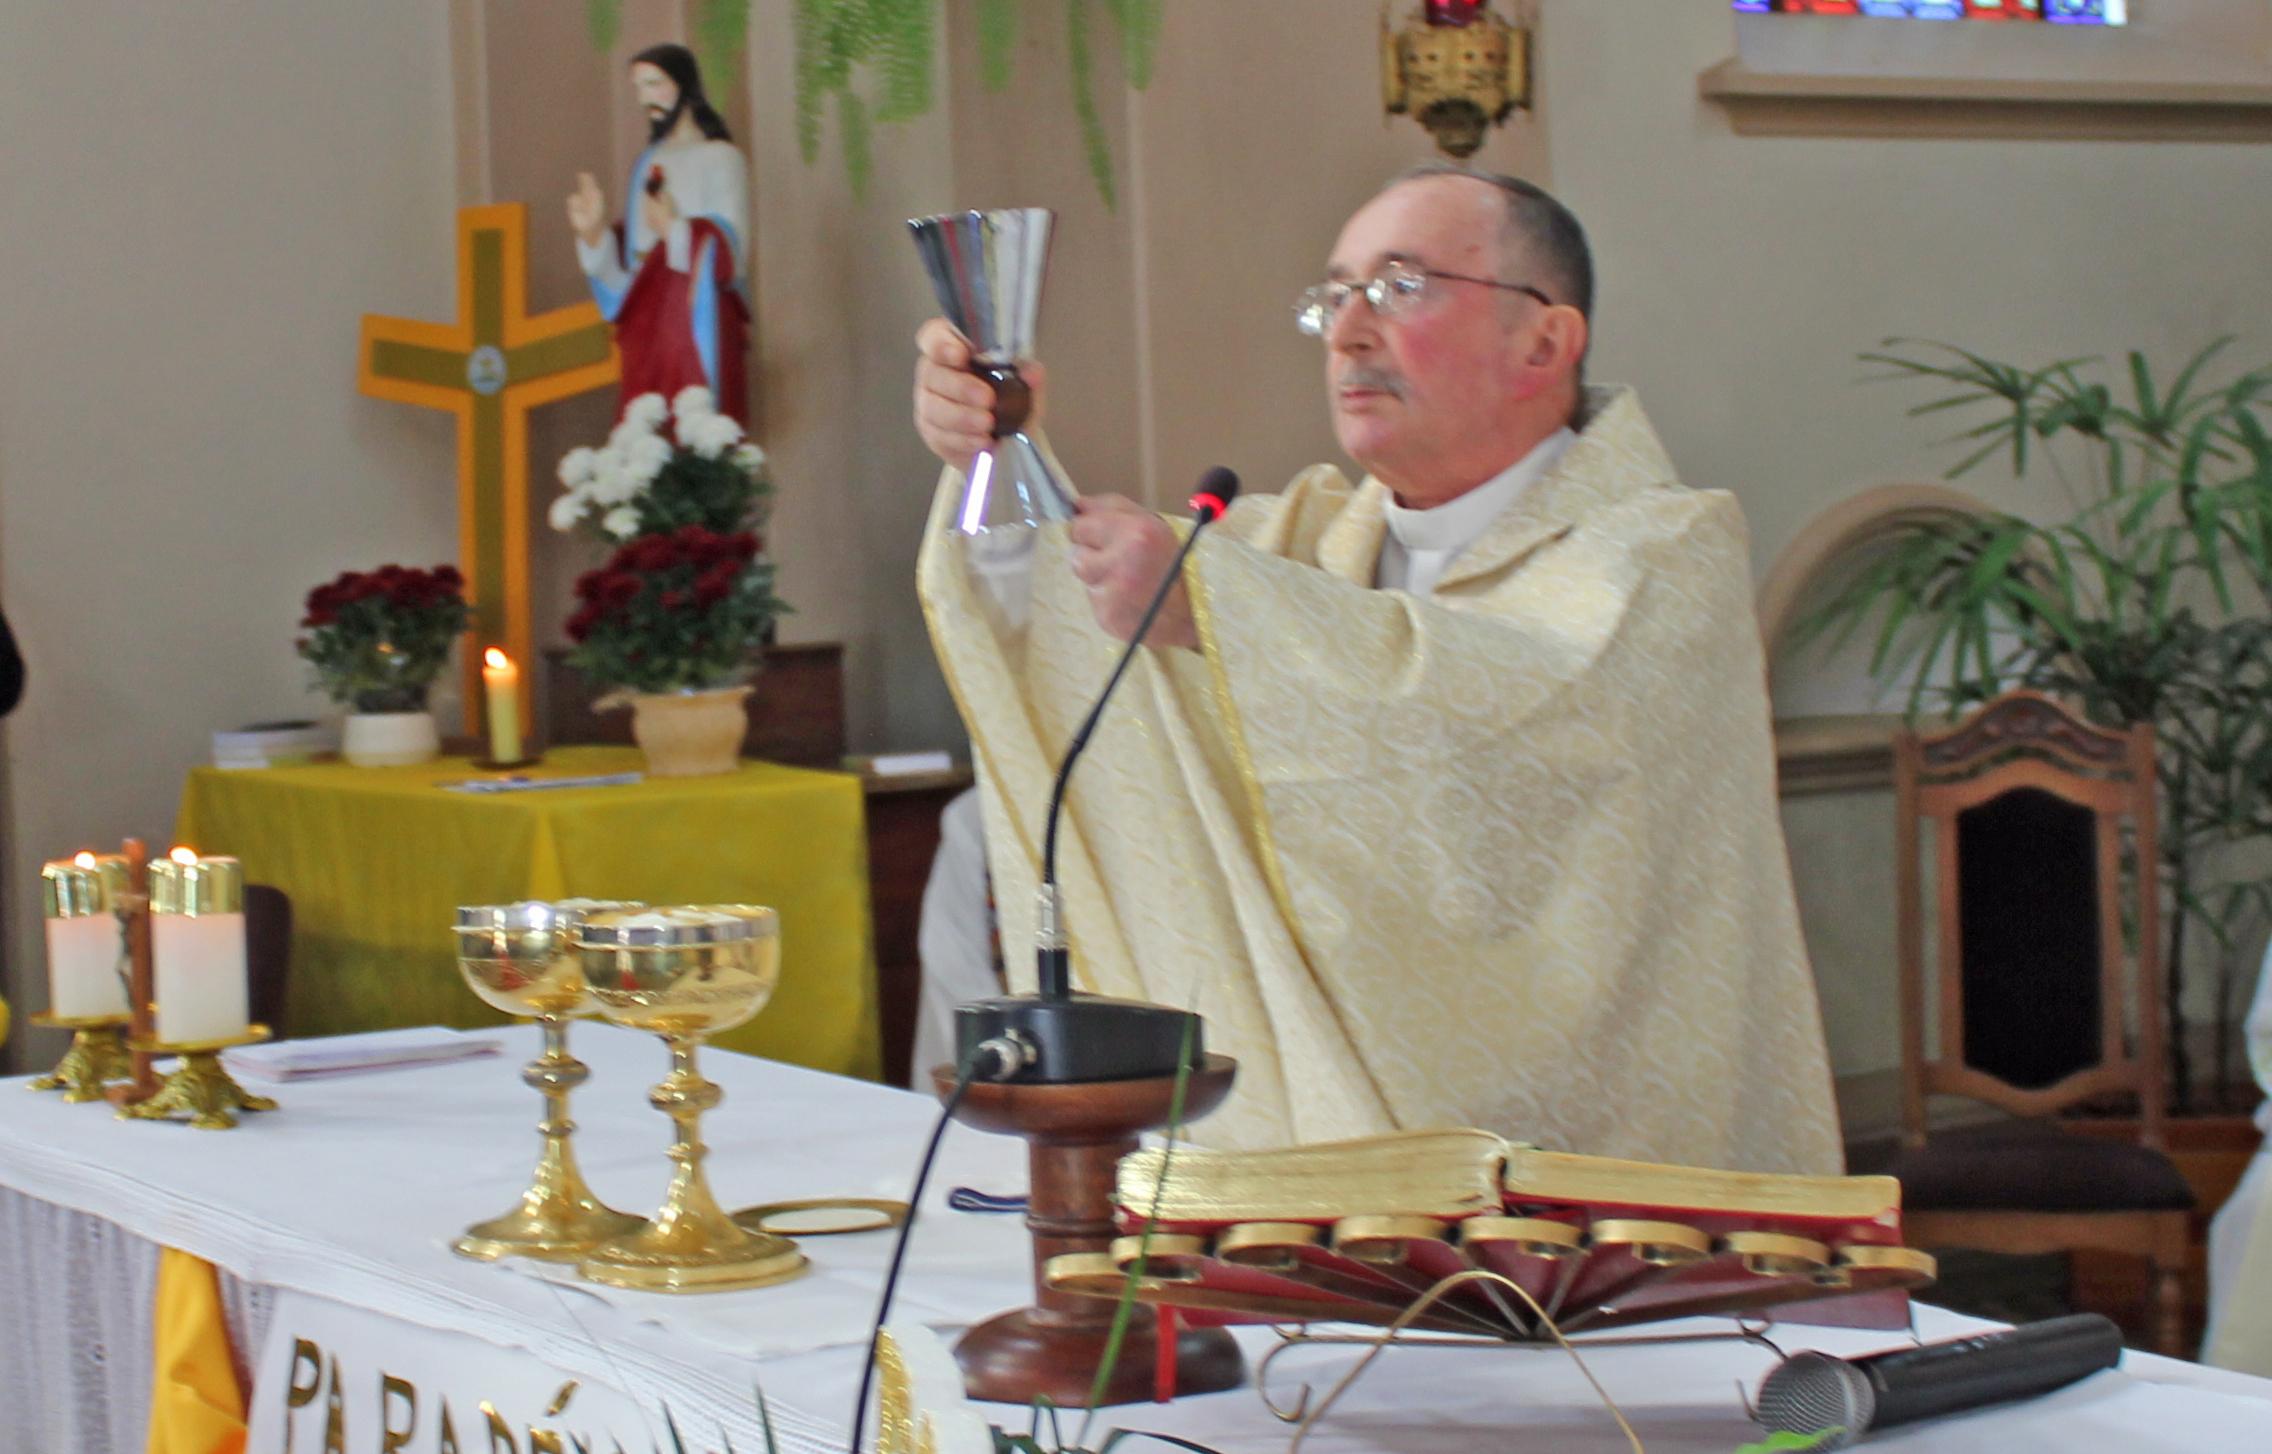 Falecimento de Padre Álvaro Lenhardt